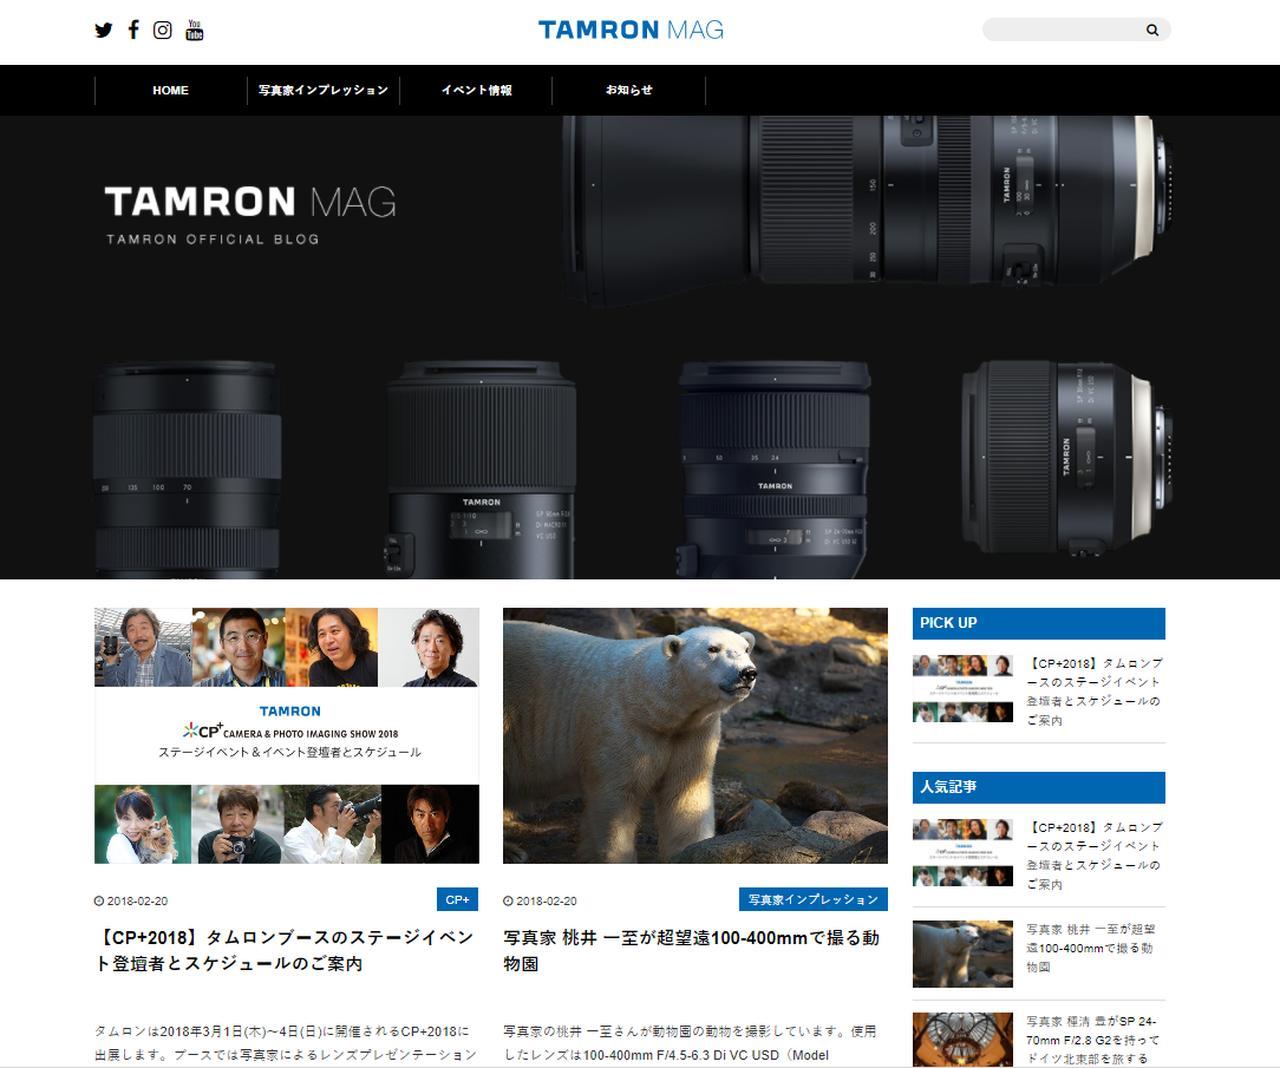 画像: tamronmag.jp